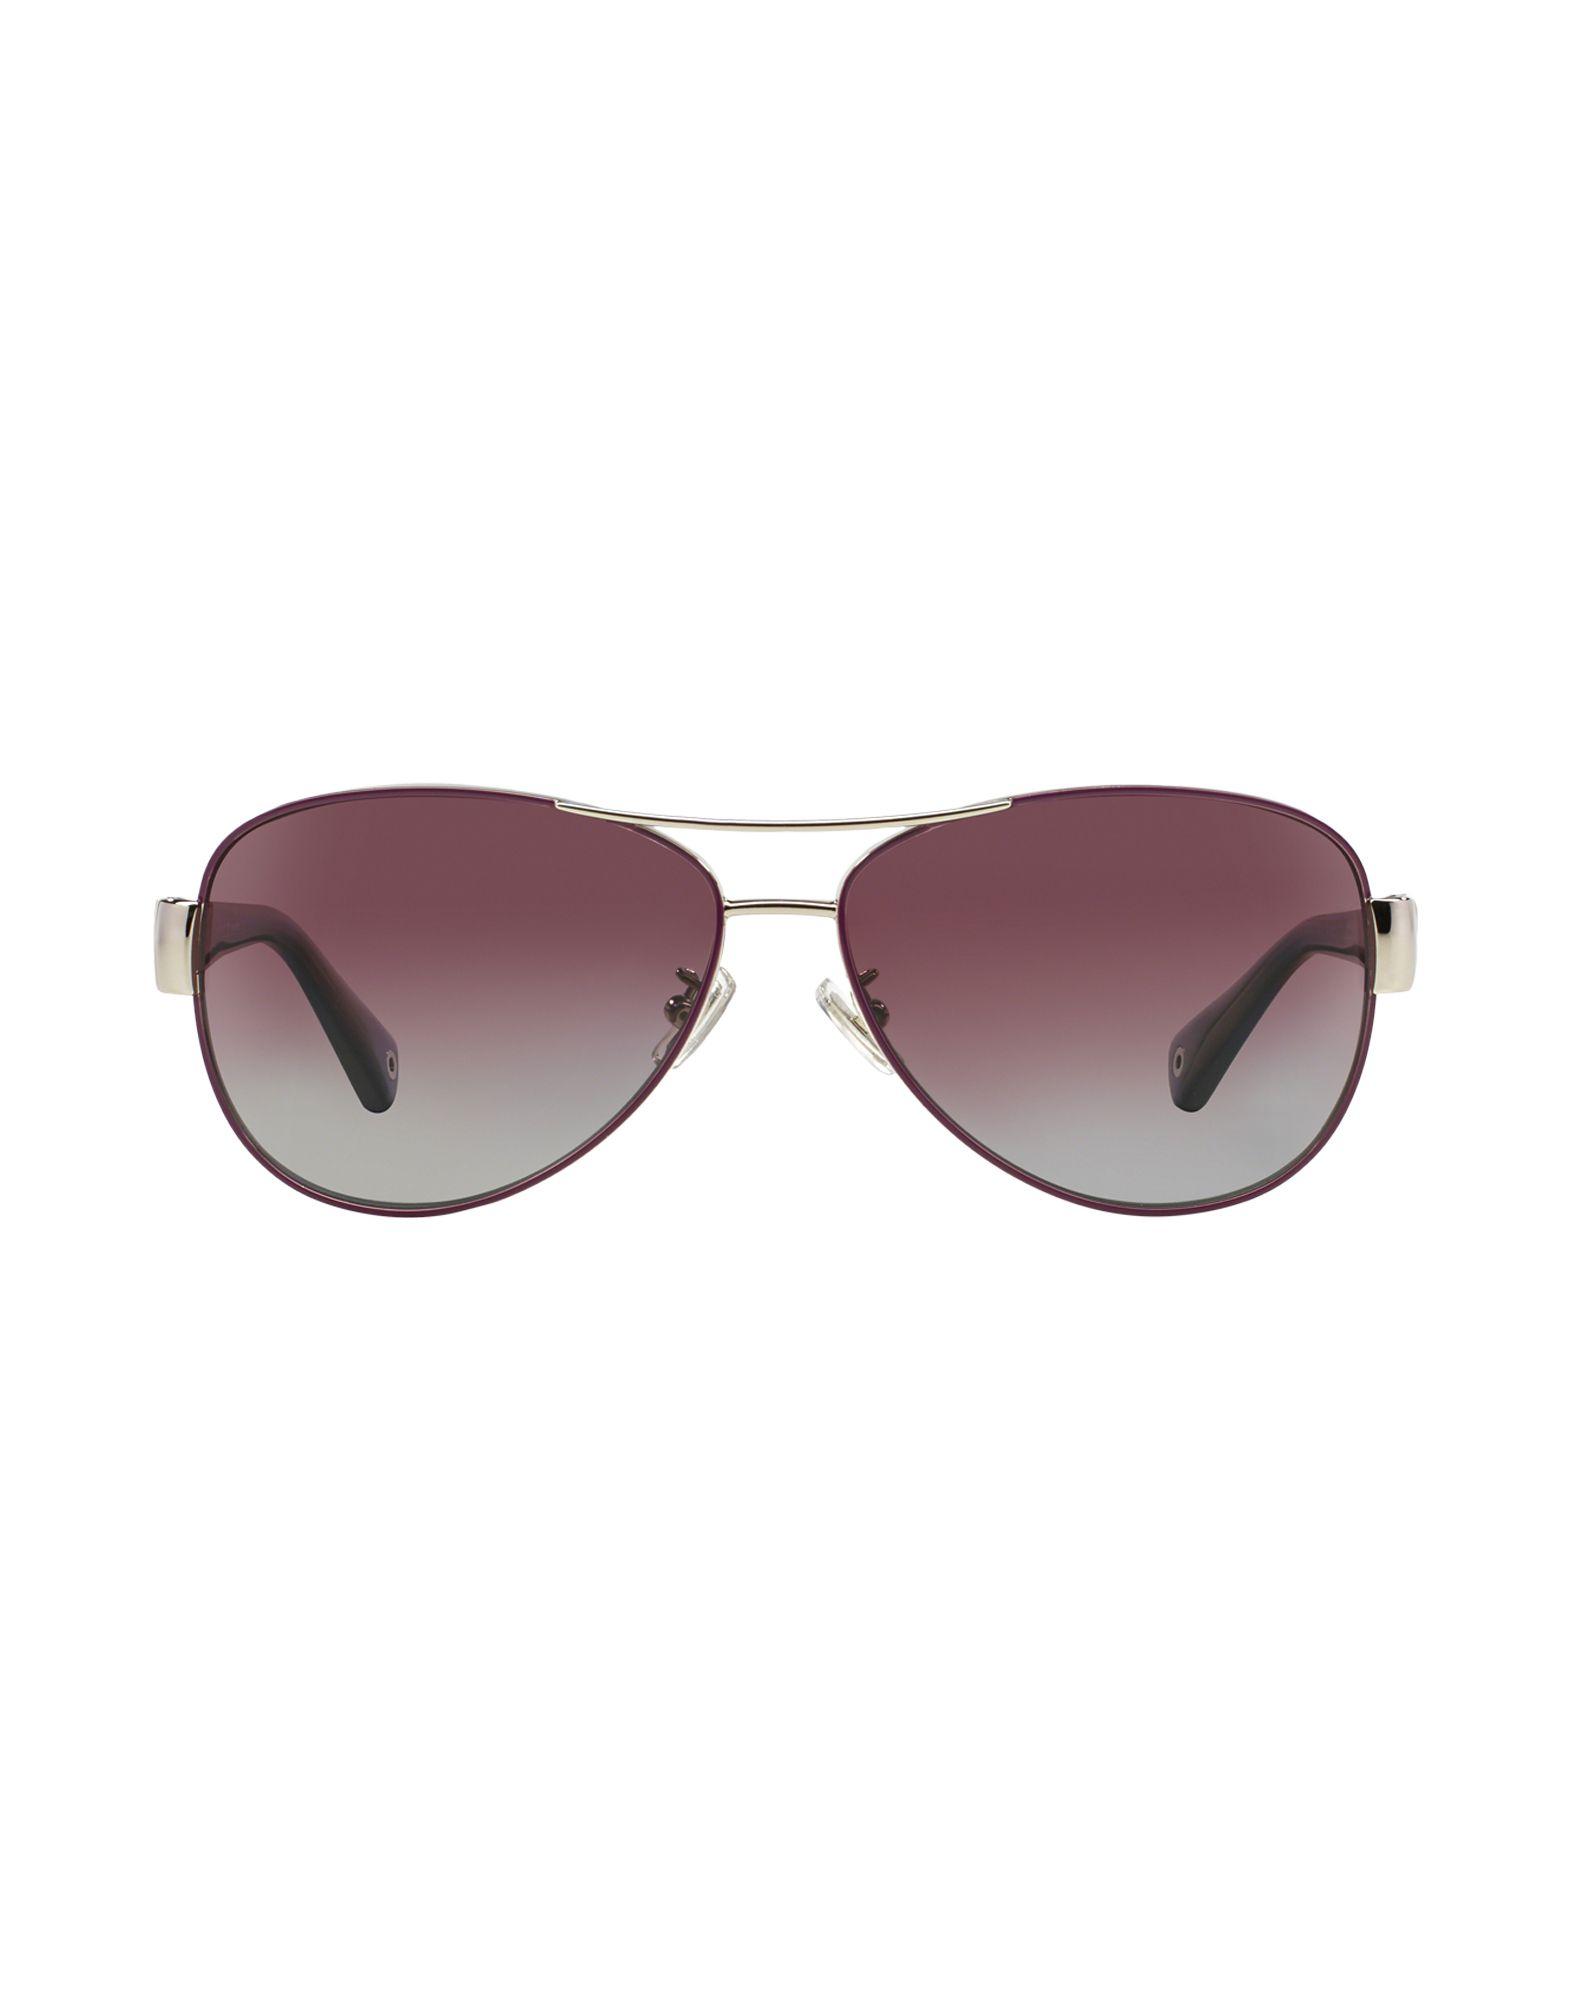 abe58fa63104 ... ireland lyst coach kristina aviator sunglasses in purple 3d973 f1d7a